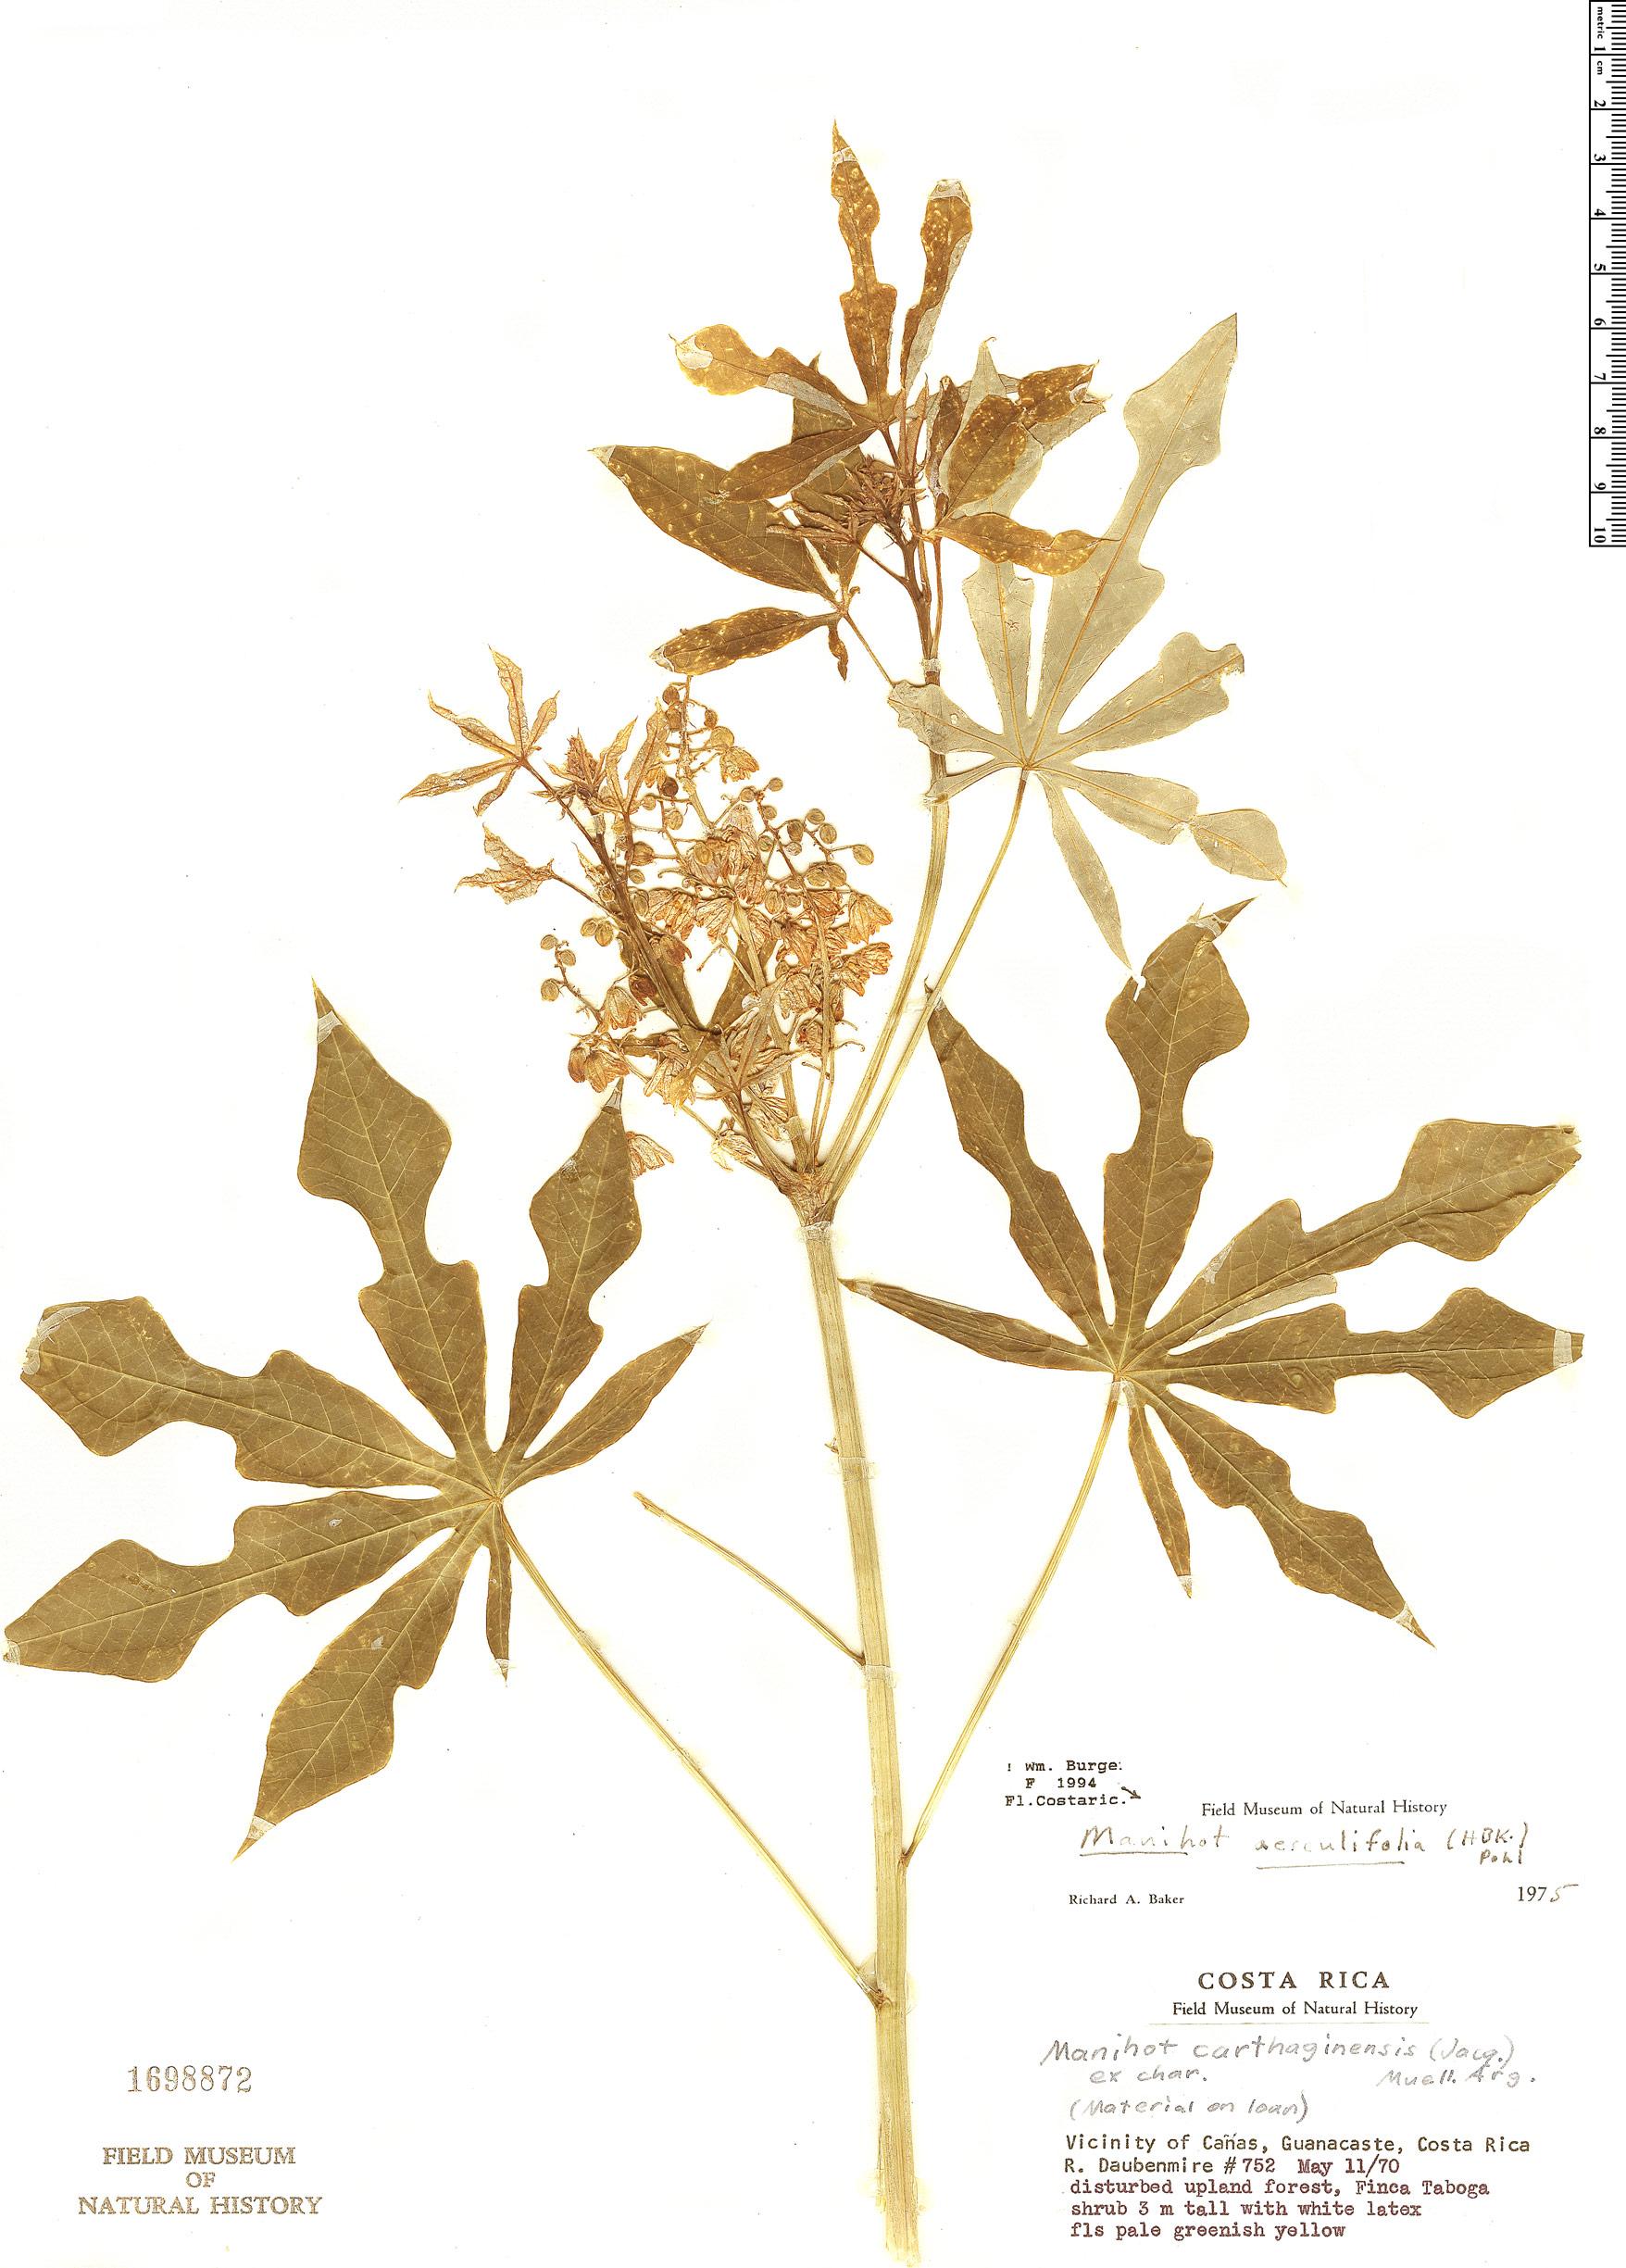 Specimen: Manihot aesculifolia